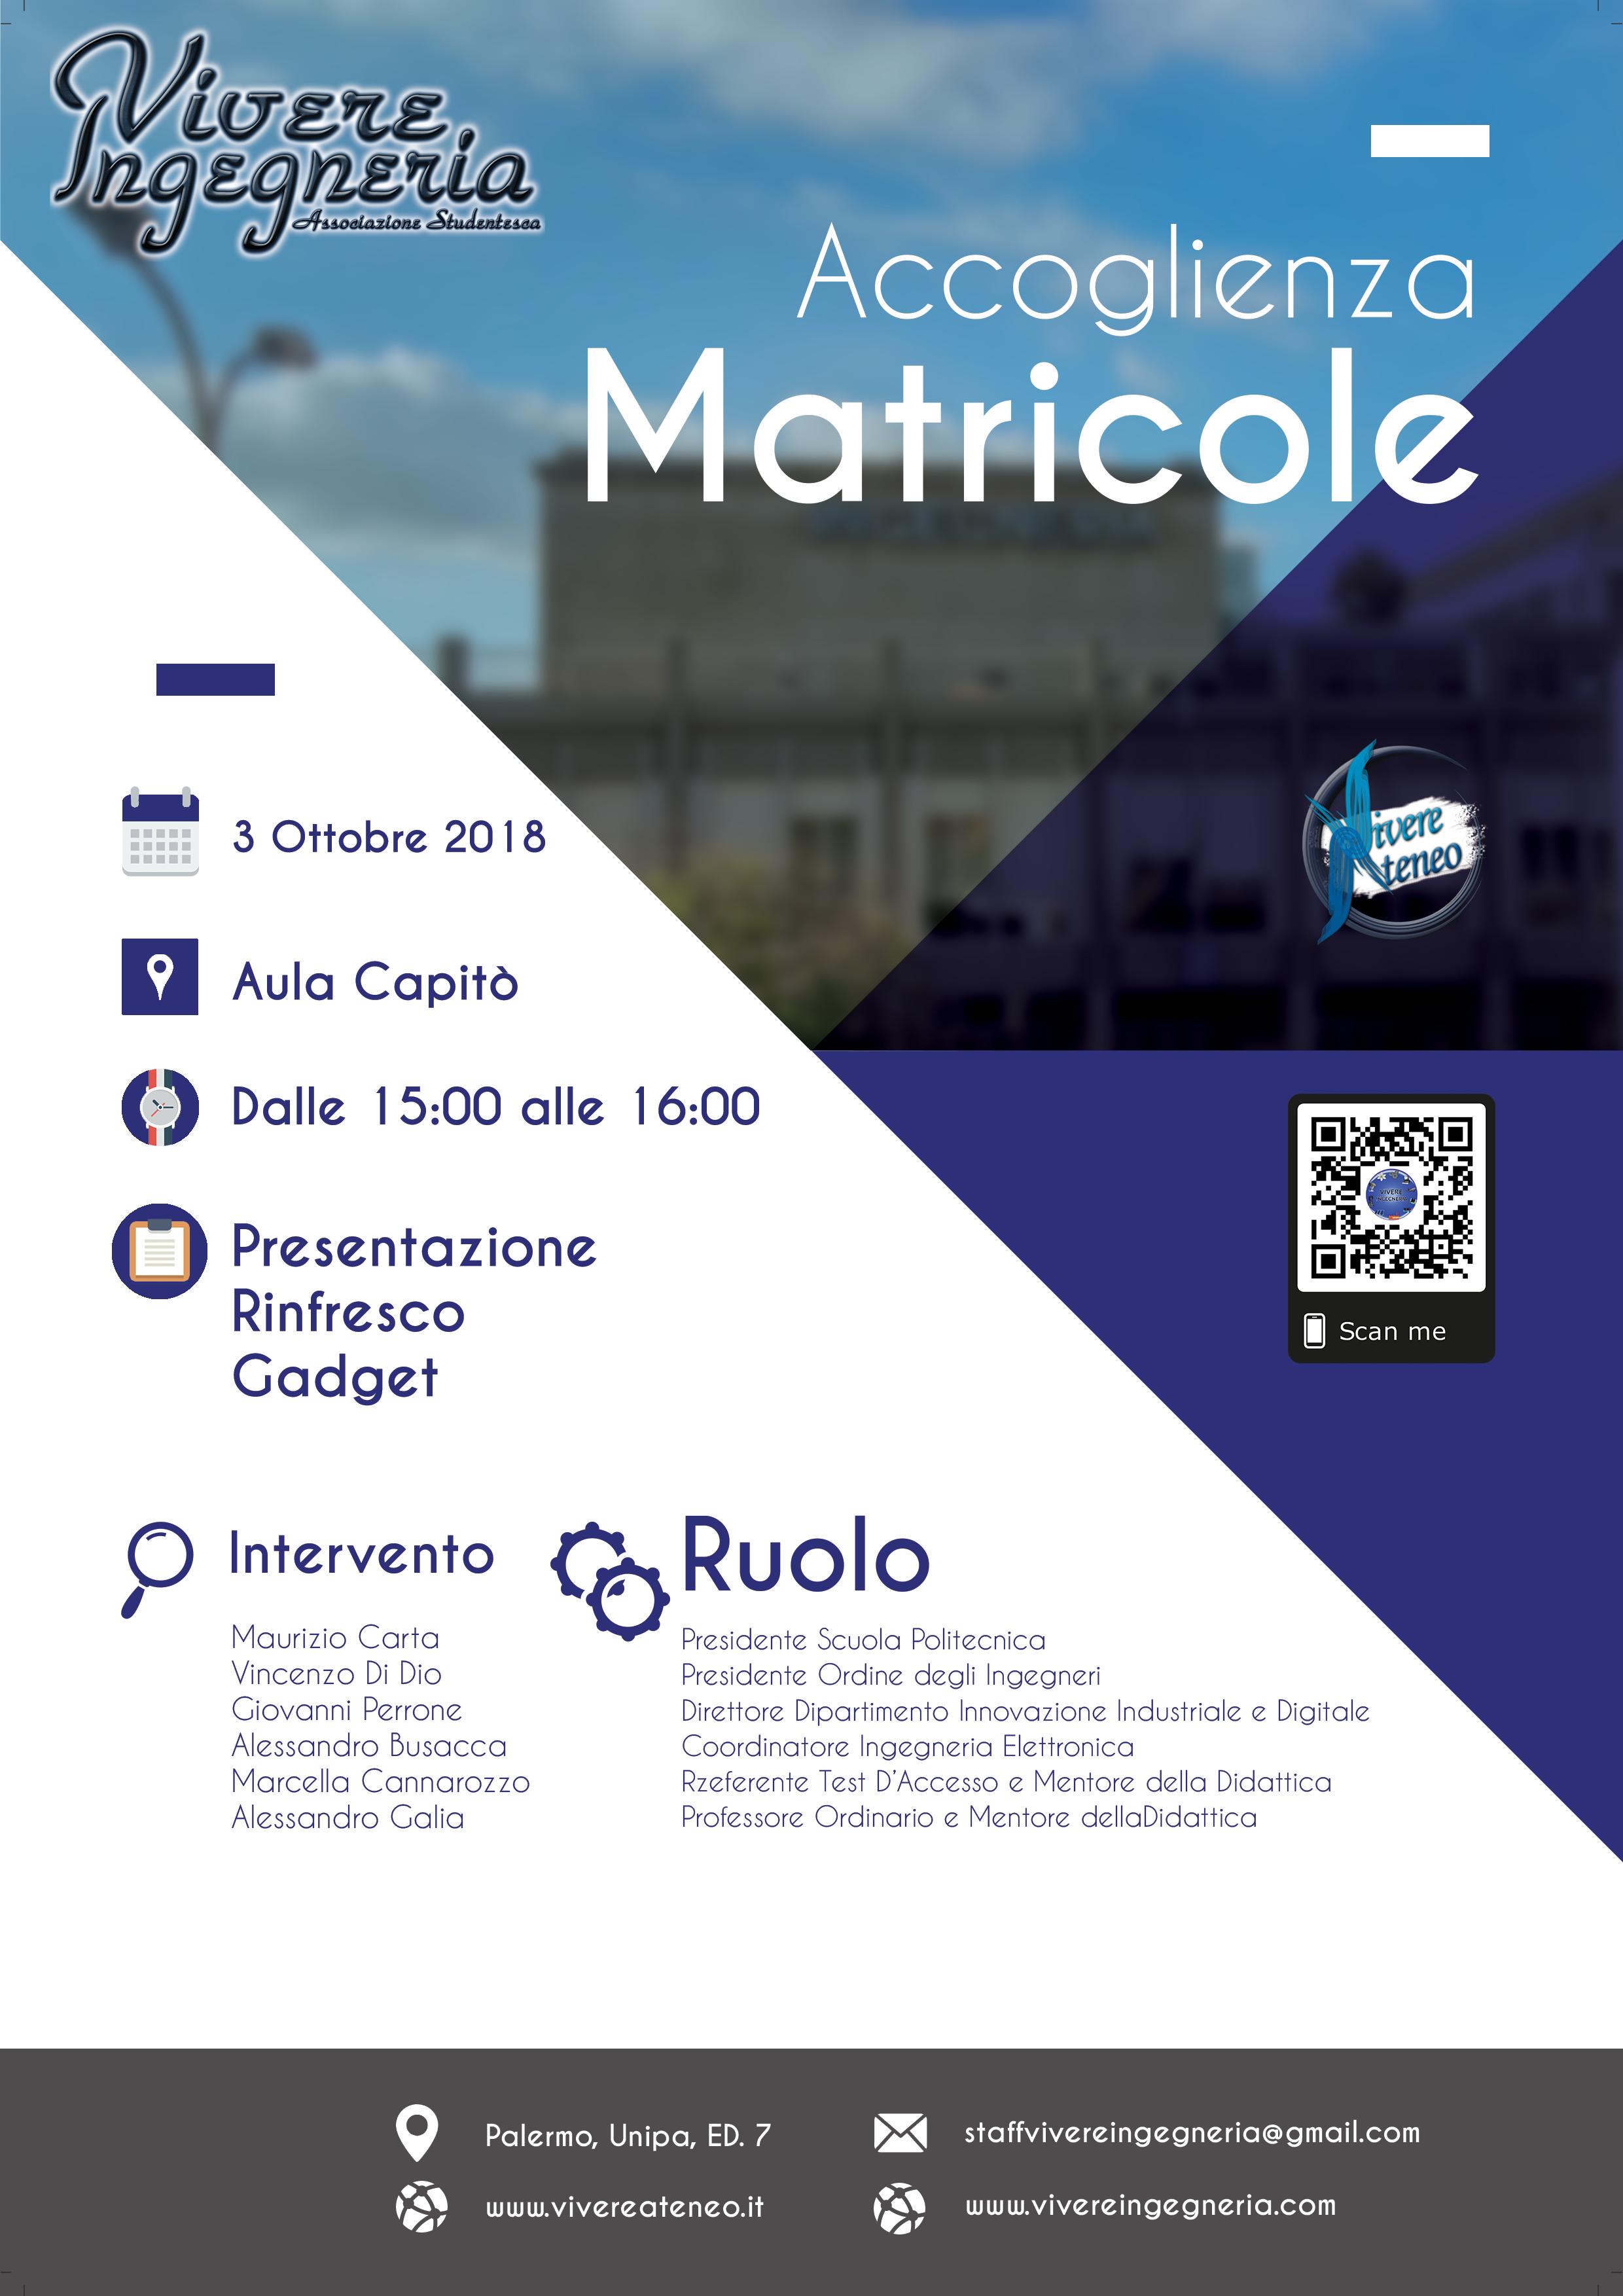 Calendario Lauree Unica Ingegneria.Accoglienza Matricole Ingegneria 2018 2019 Conferenza